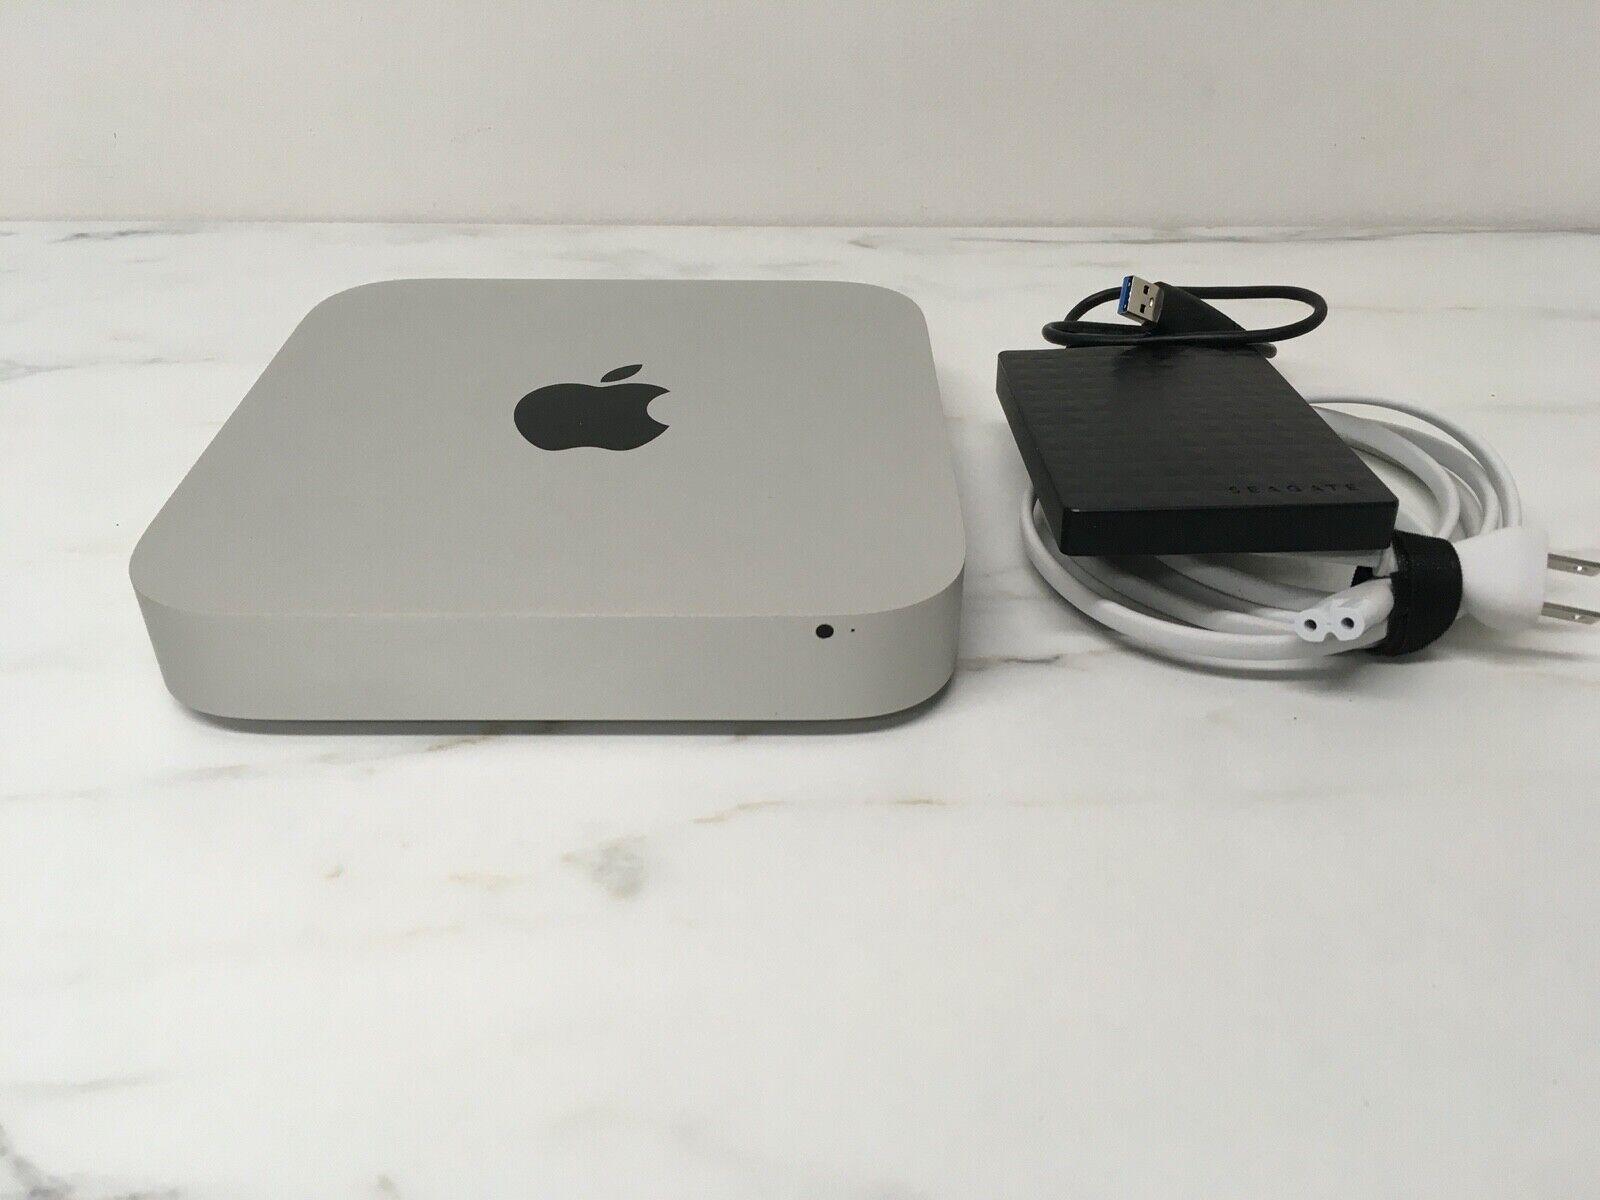 Apple Mac Mini A1347 October, 2012 I5 8GB RAM Dual SSD Drives MD387LL/A F/ship - $239.00